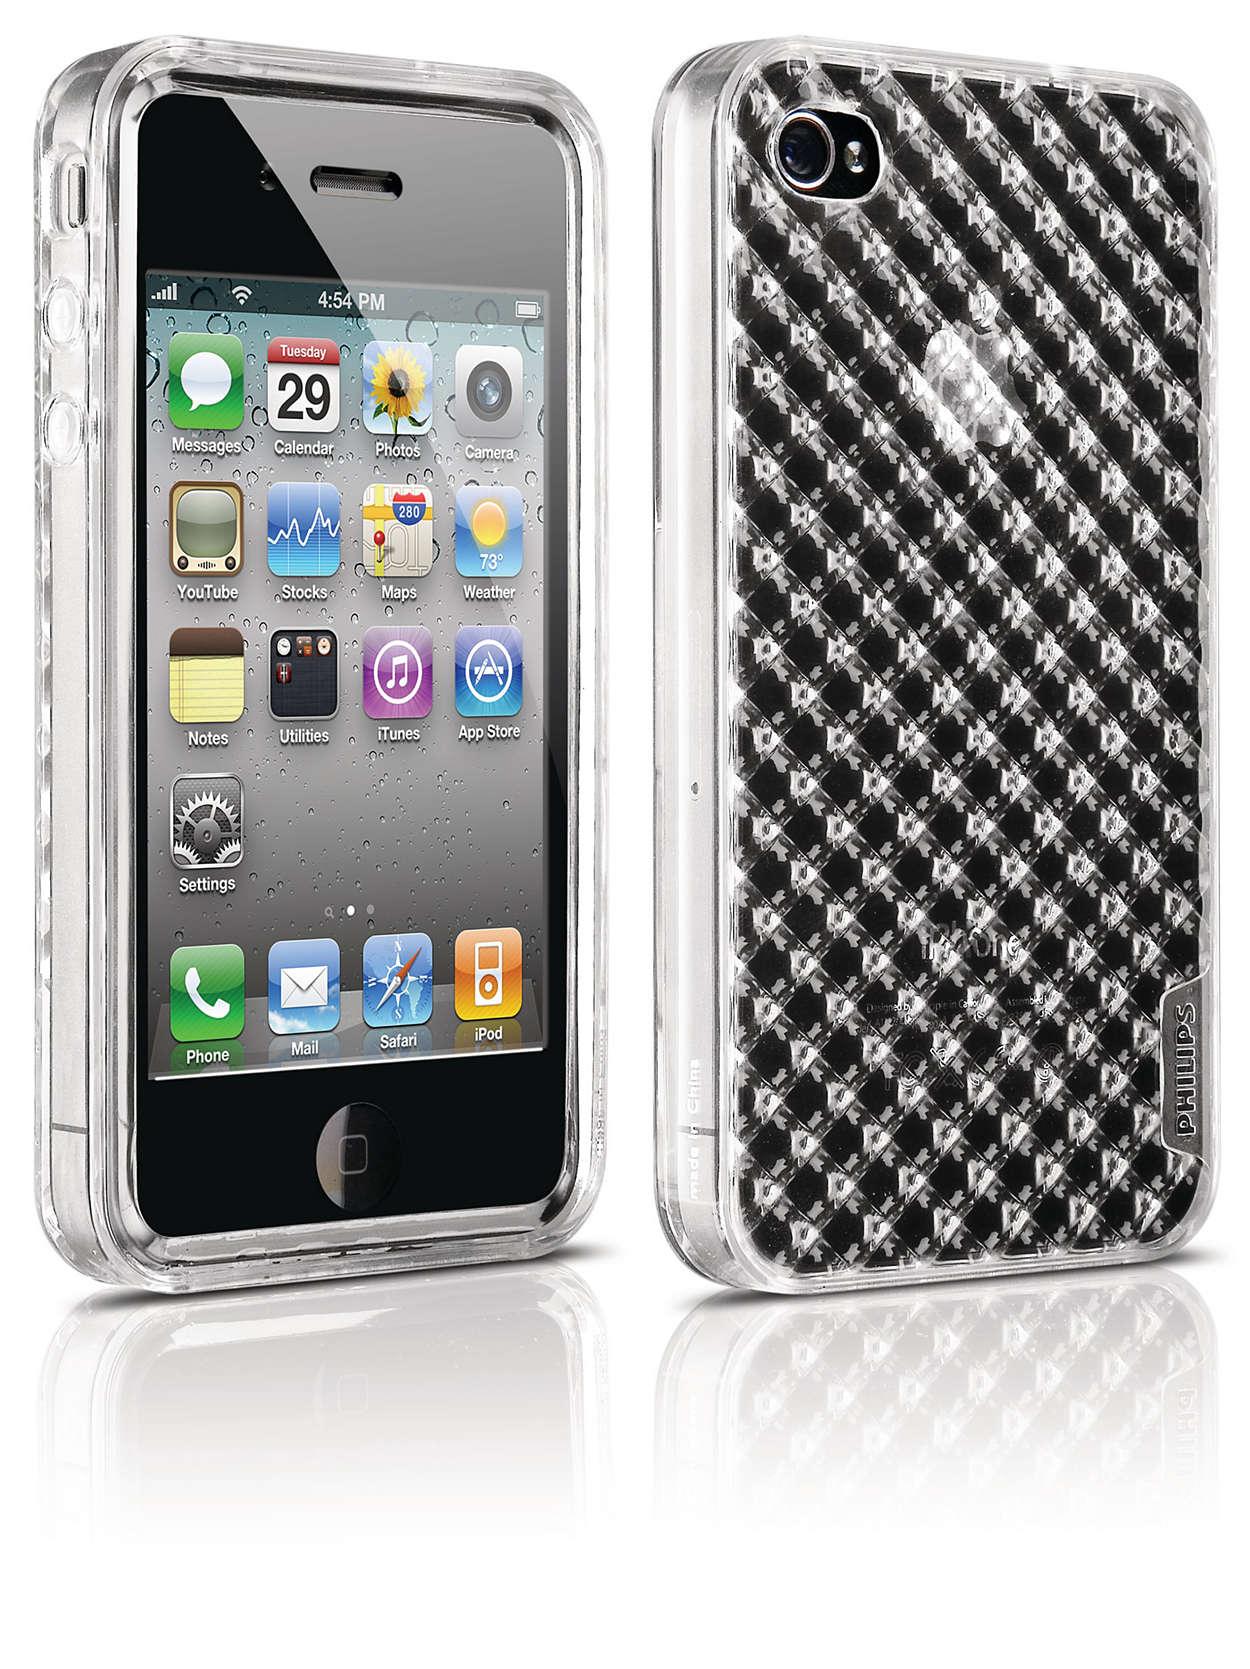 Protégez votre iPhone dans un étui flexible